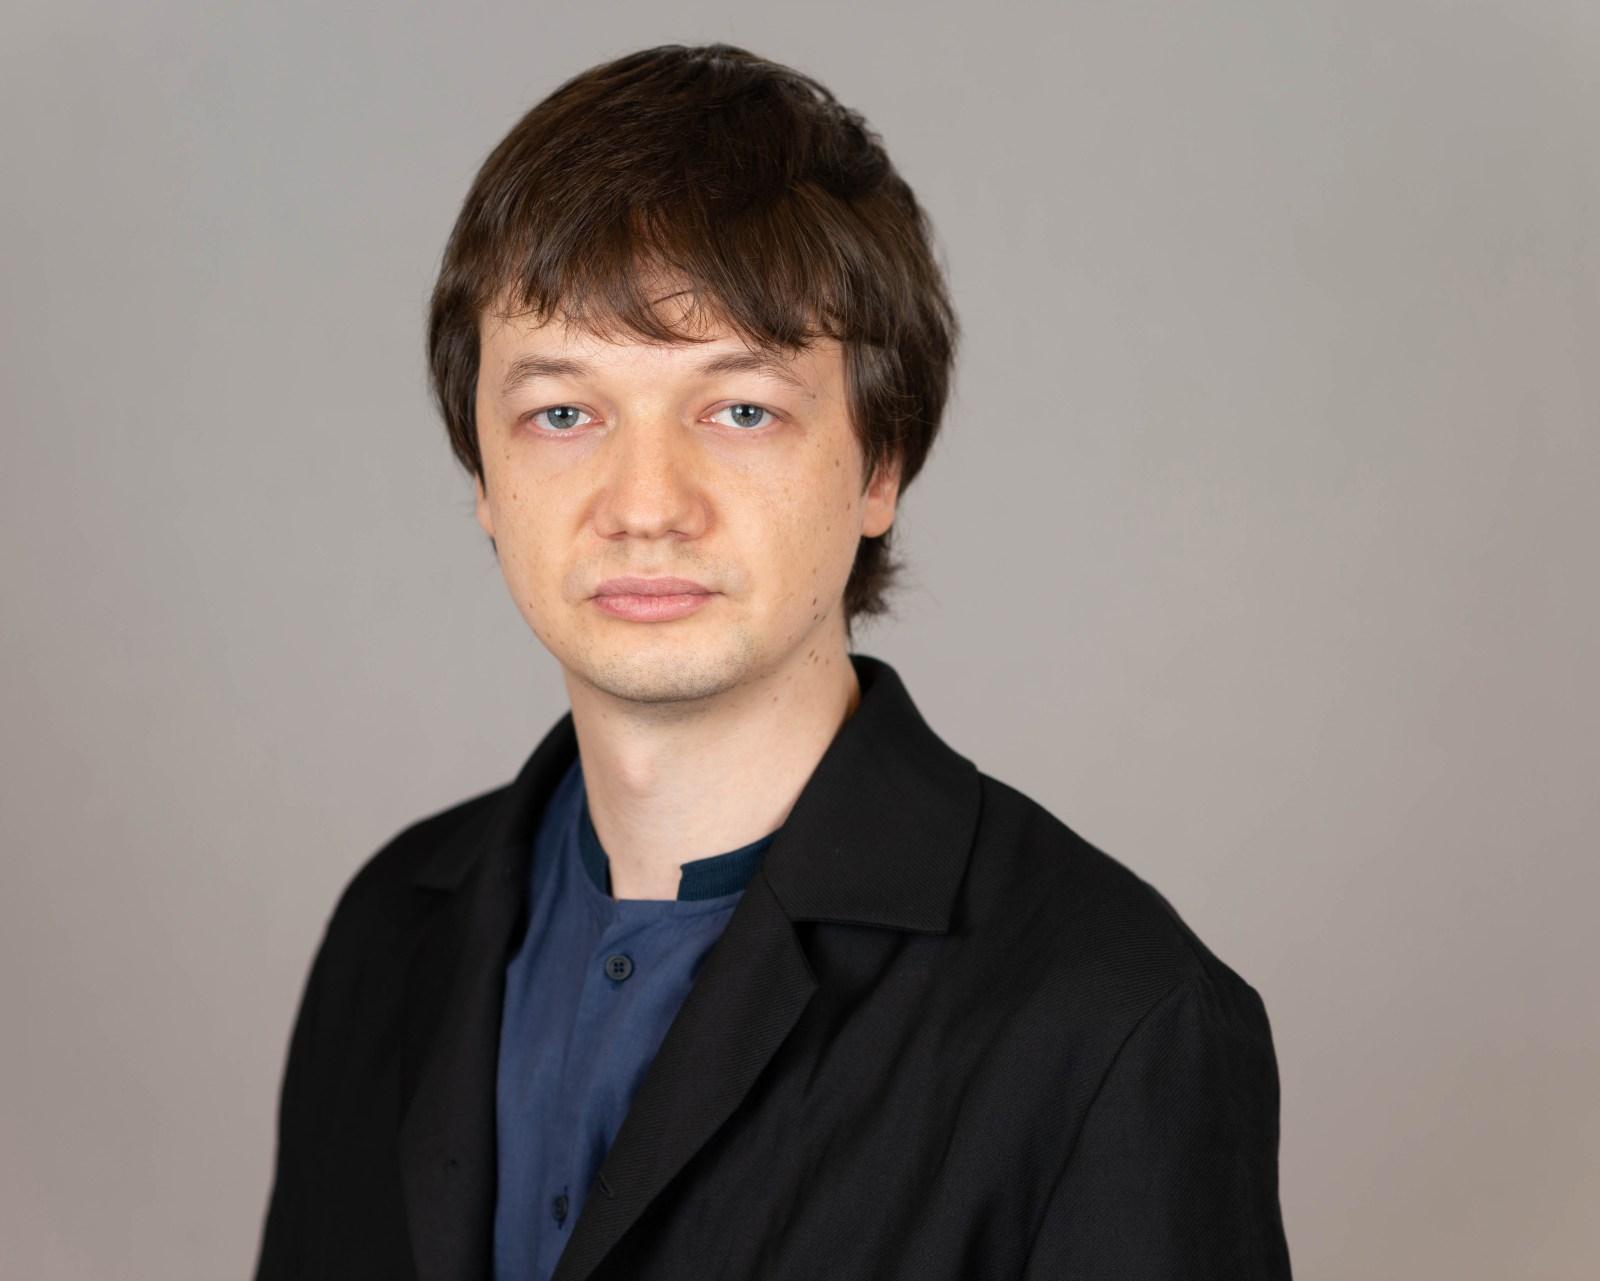 Pierre Klein